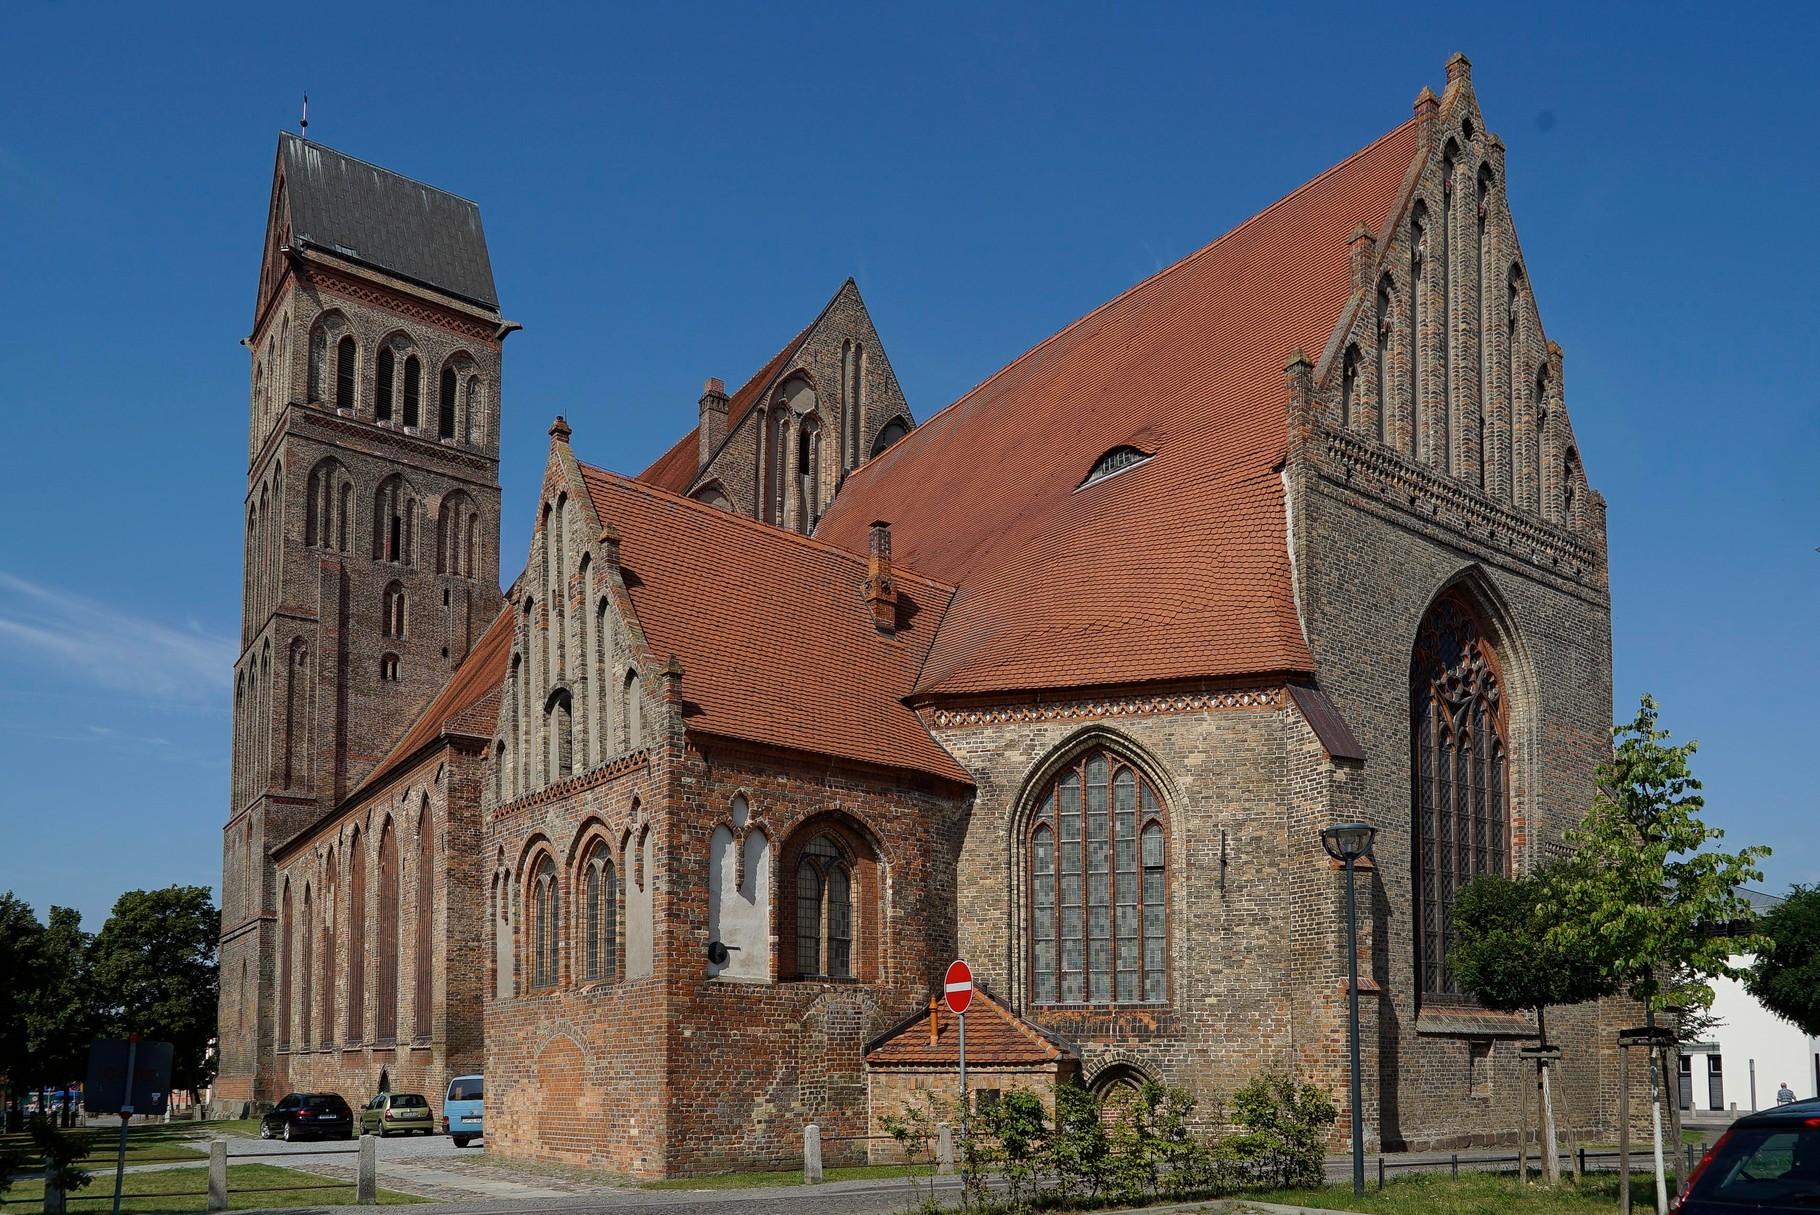 Das erste Ziel war die St. Marienkirche in Anklam.